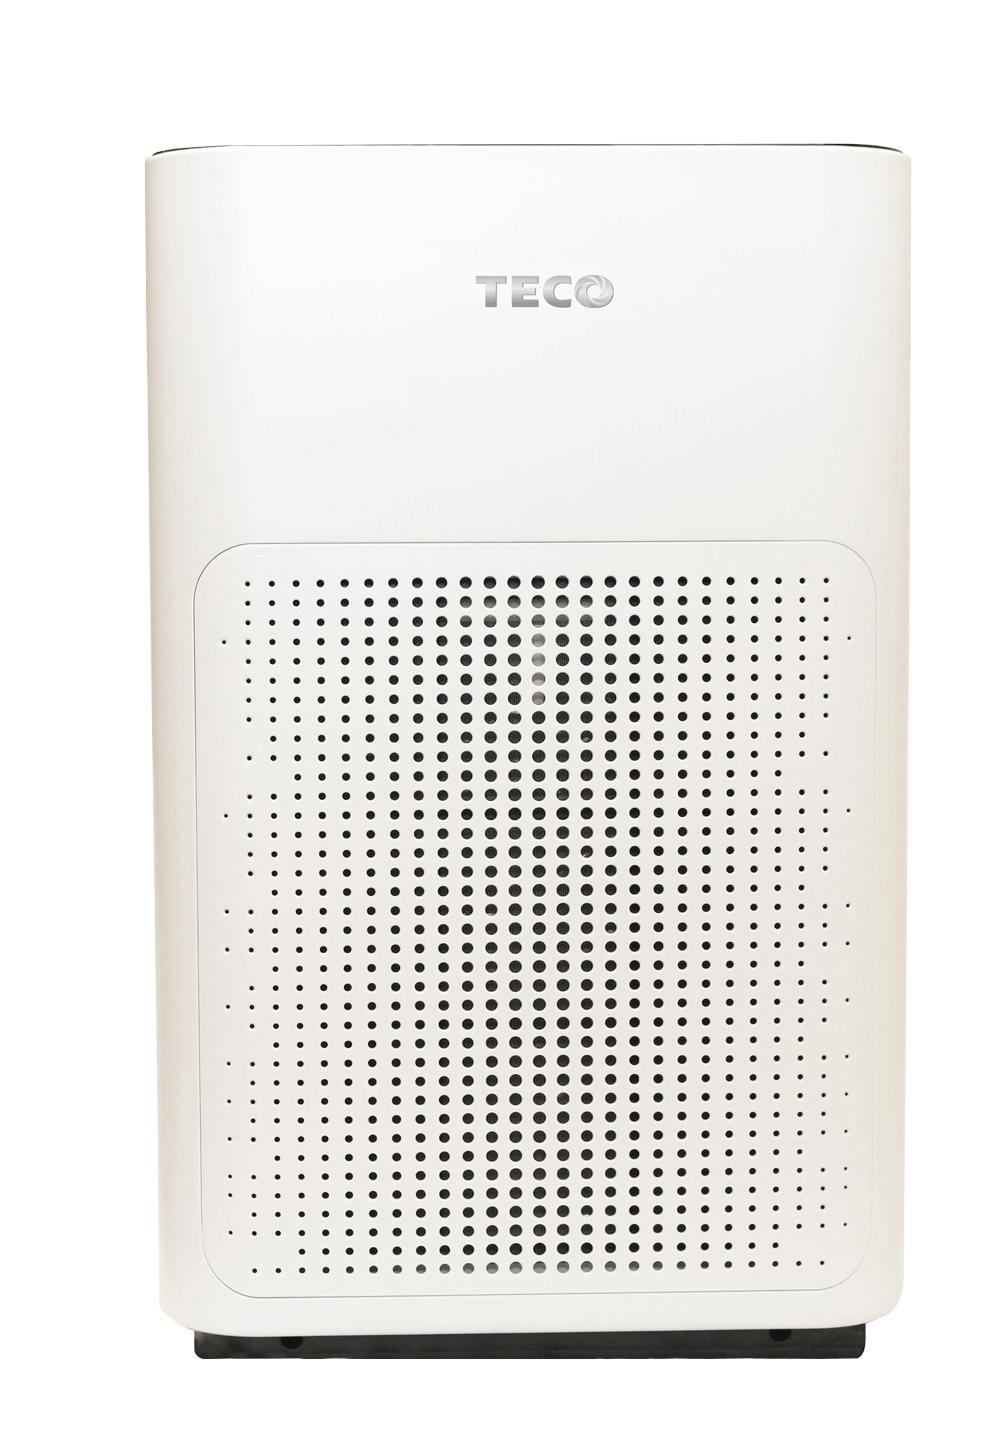 空氣清淨機系列智慧淨化PM2.5偵測空氣清淨機 NN2403BD